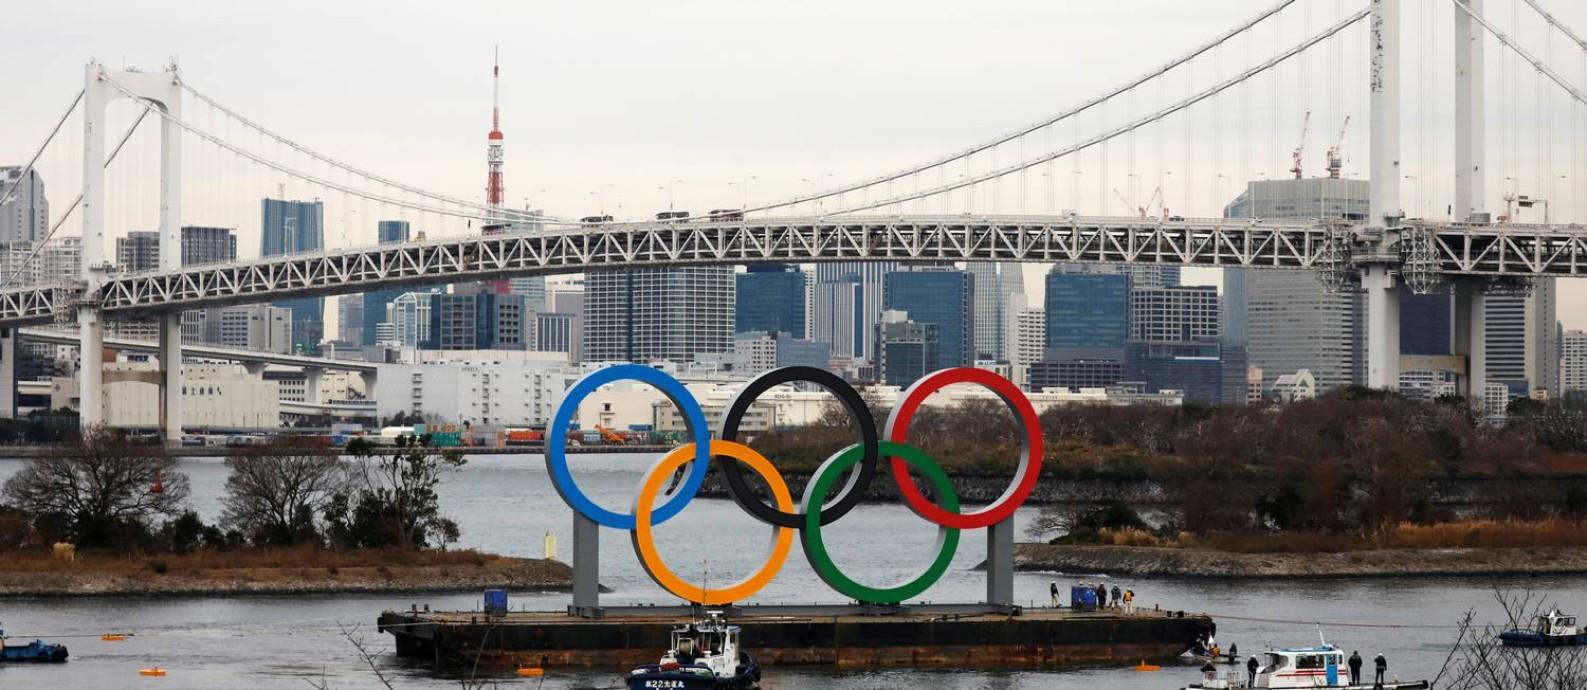 Estrutura com os Anéis Olímpicos, com 15,3 metros de altura e 32,6 metros de comprimento, no Parque Marinho de Odaiba, com vista para os arranha-céus da capital japonesa e da Rainbow Bridge (Ponte de Arco-Íris), será inaugurada nesta sexta-feira, para marcar os seis meses dos Jogos Foto: ISSEI KATO / REUTERS